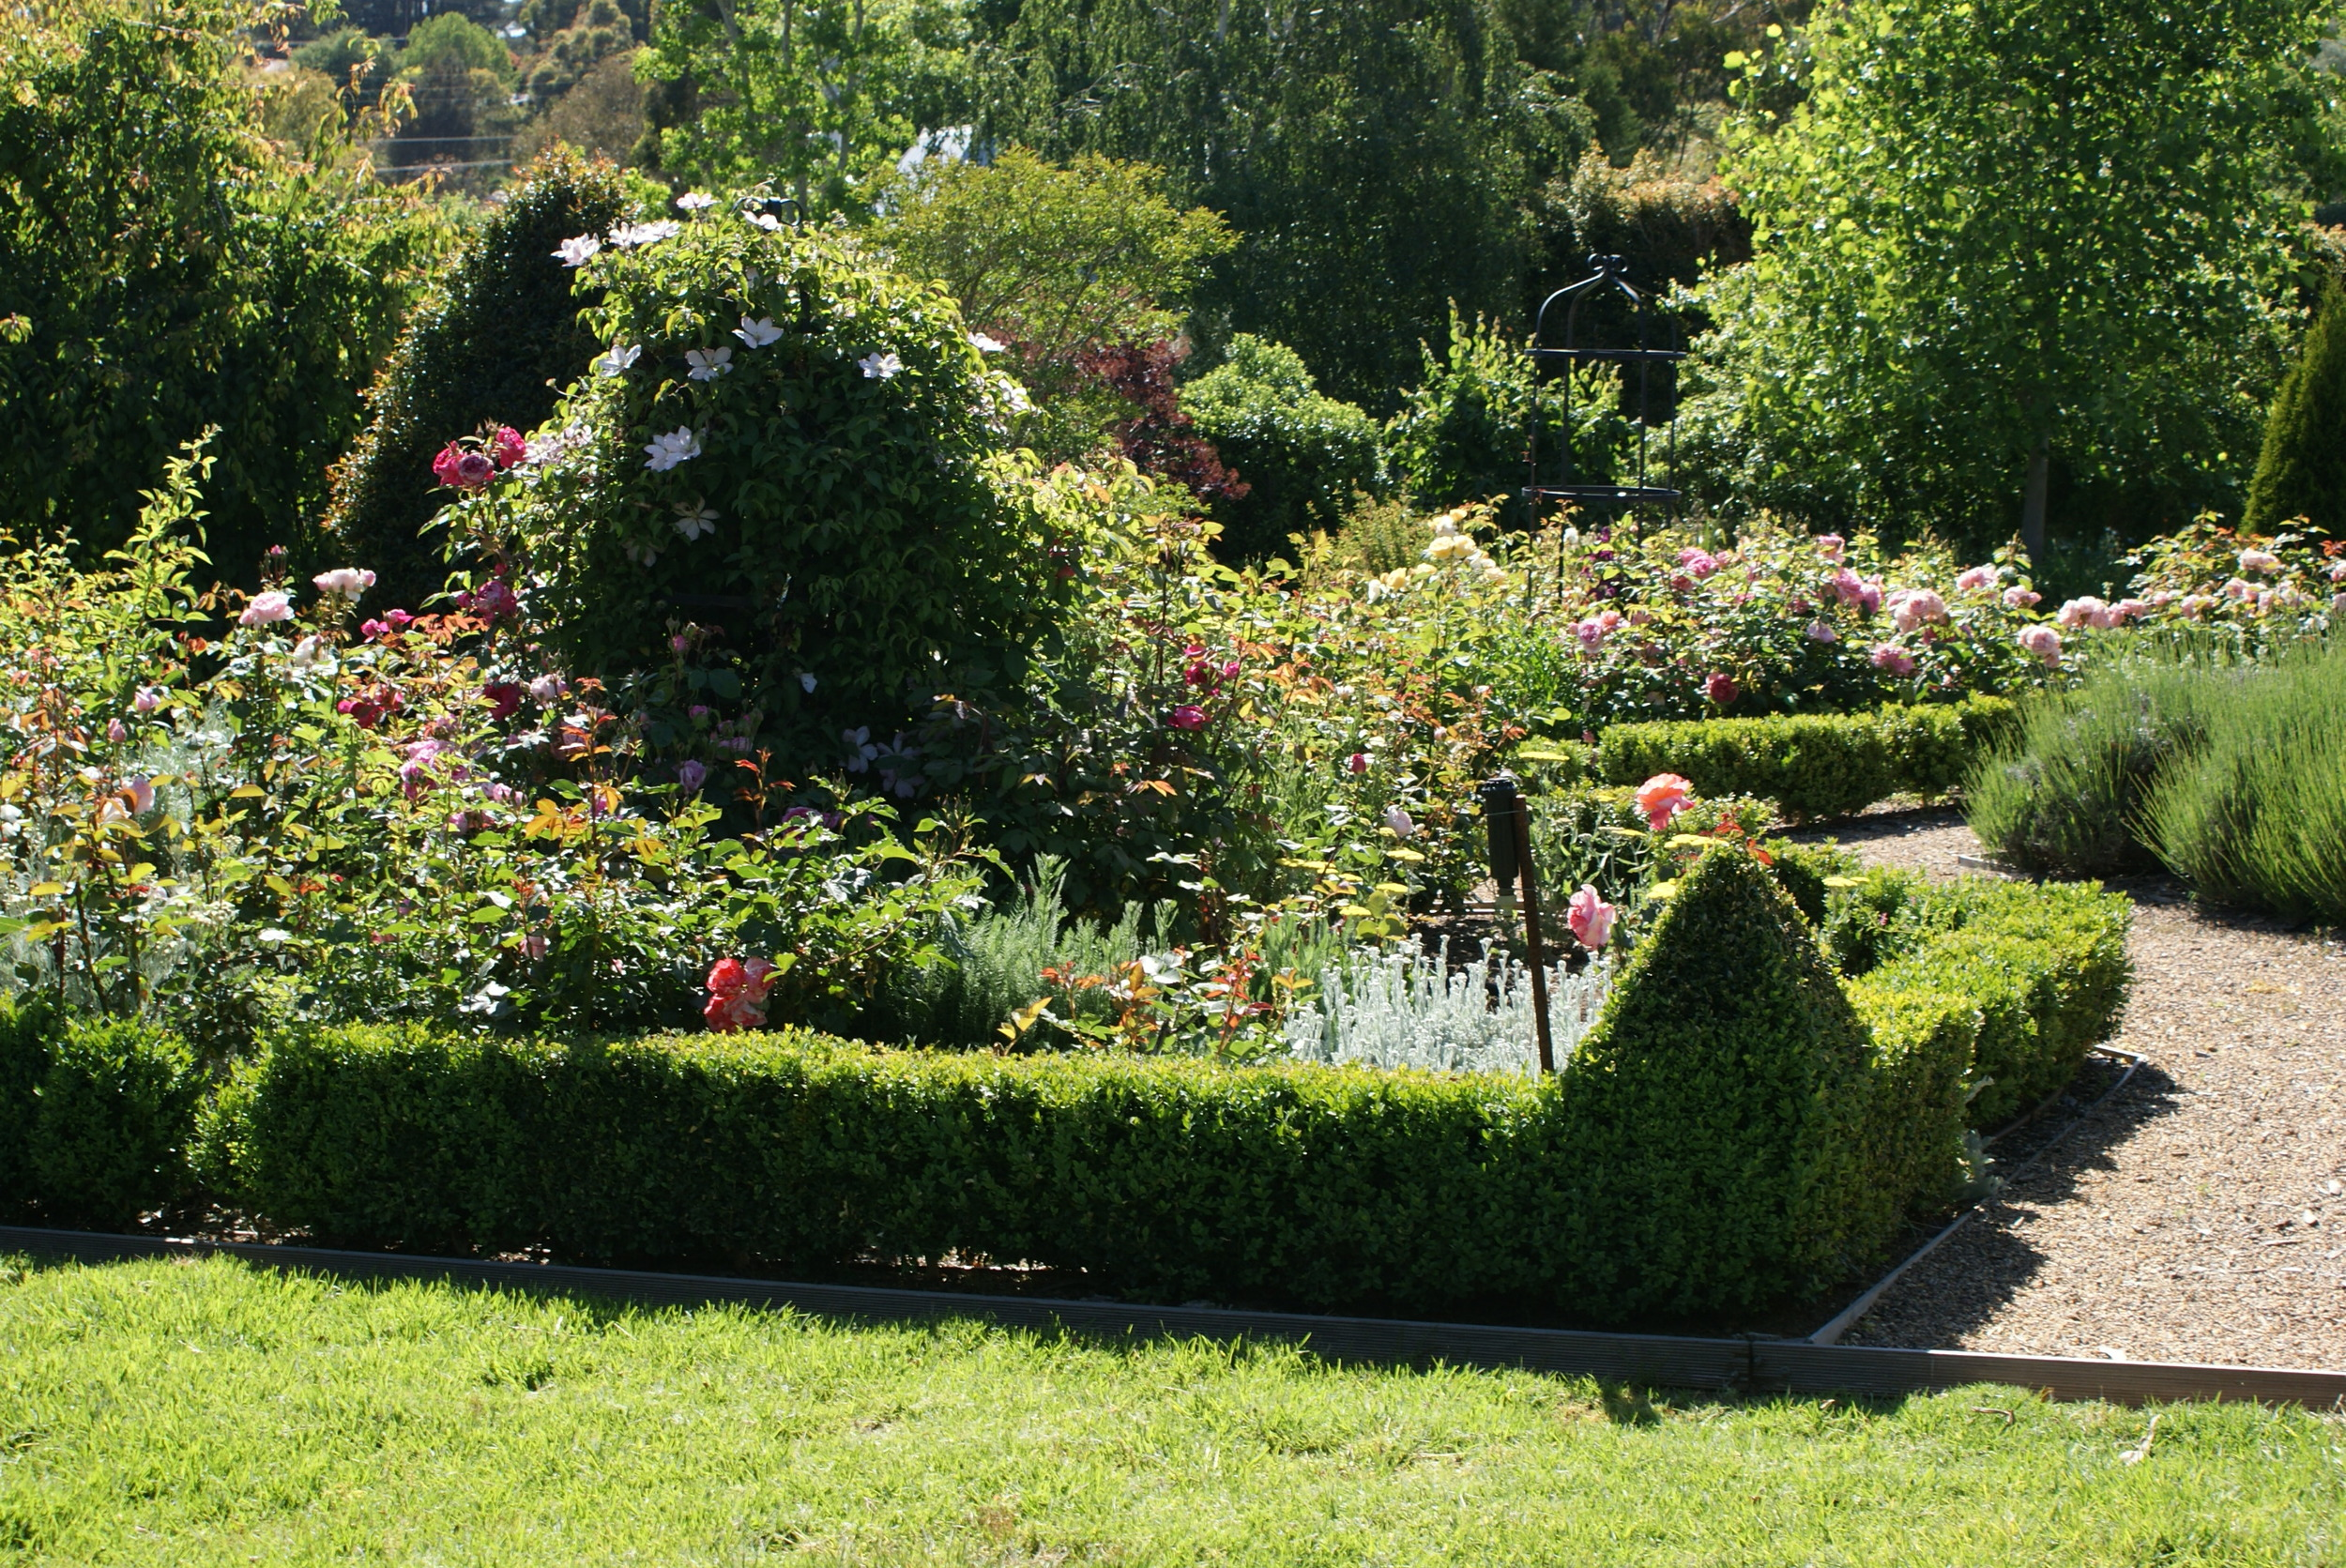 garden at mt. lofty